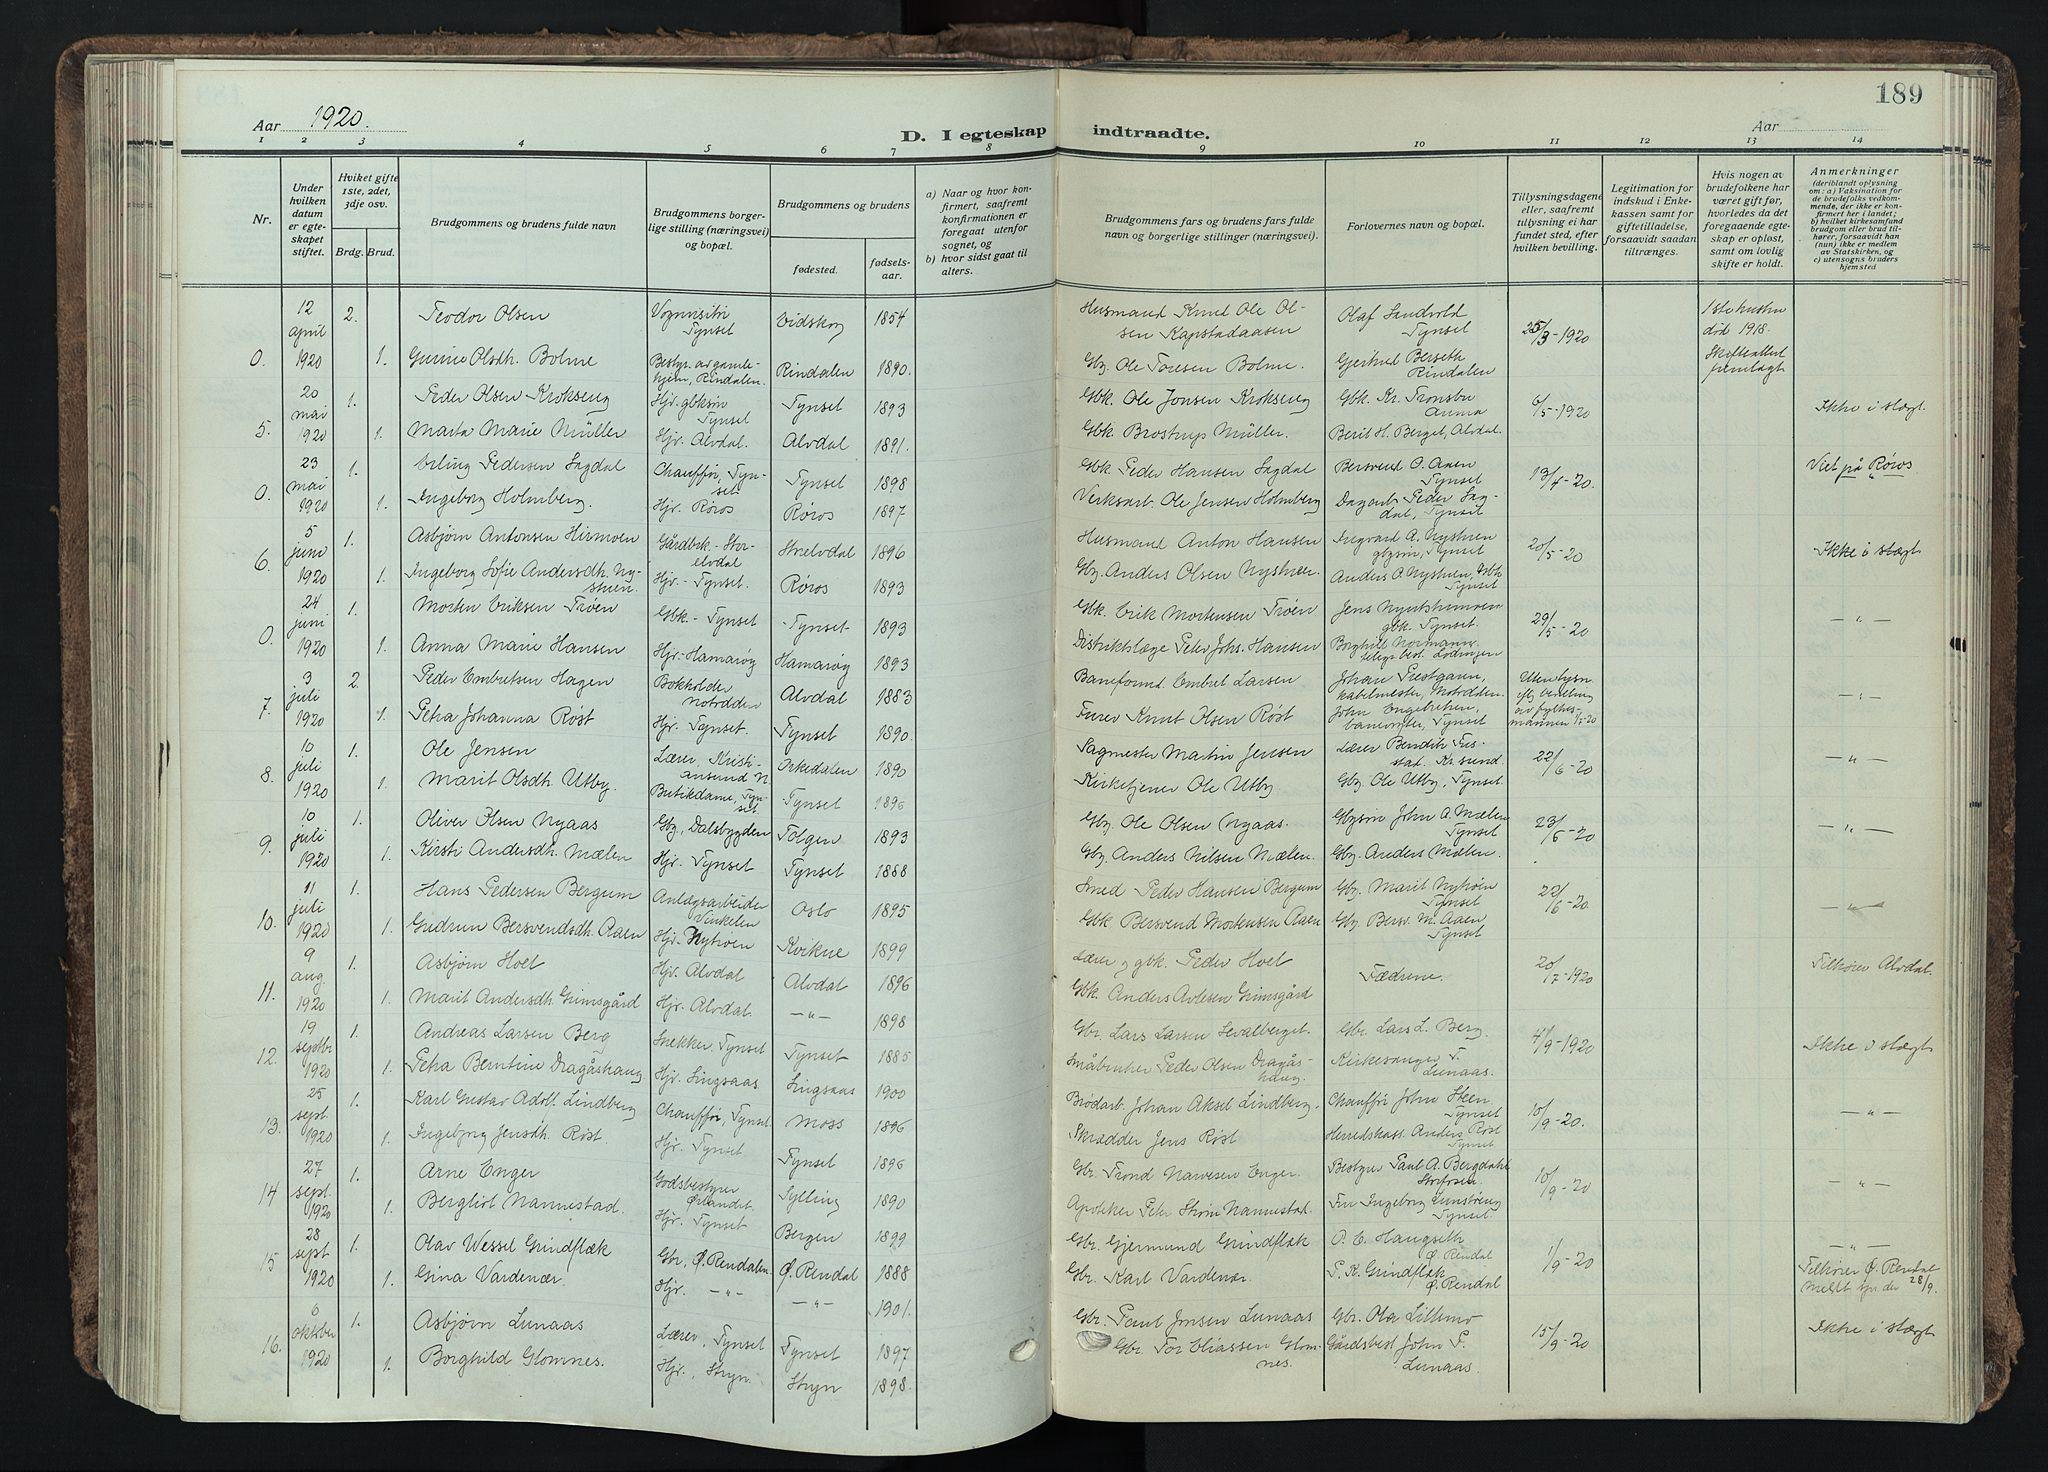 SAH, Tynset prestekontor, Parish register (official) no. 26, 1915-1929, p. 189